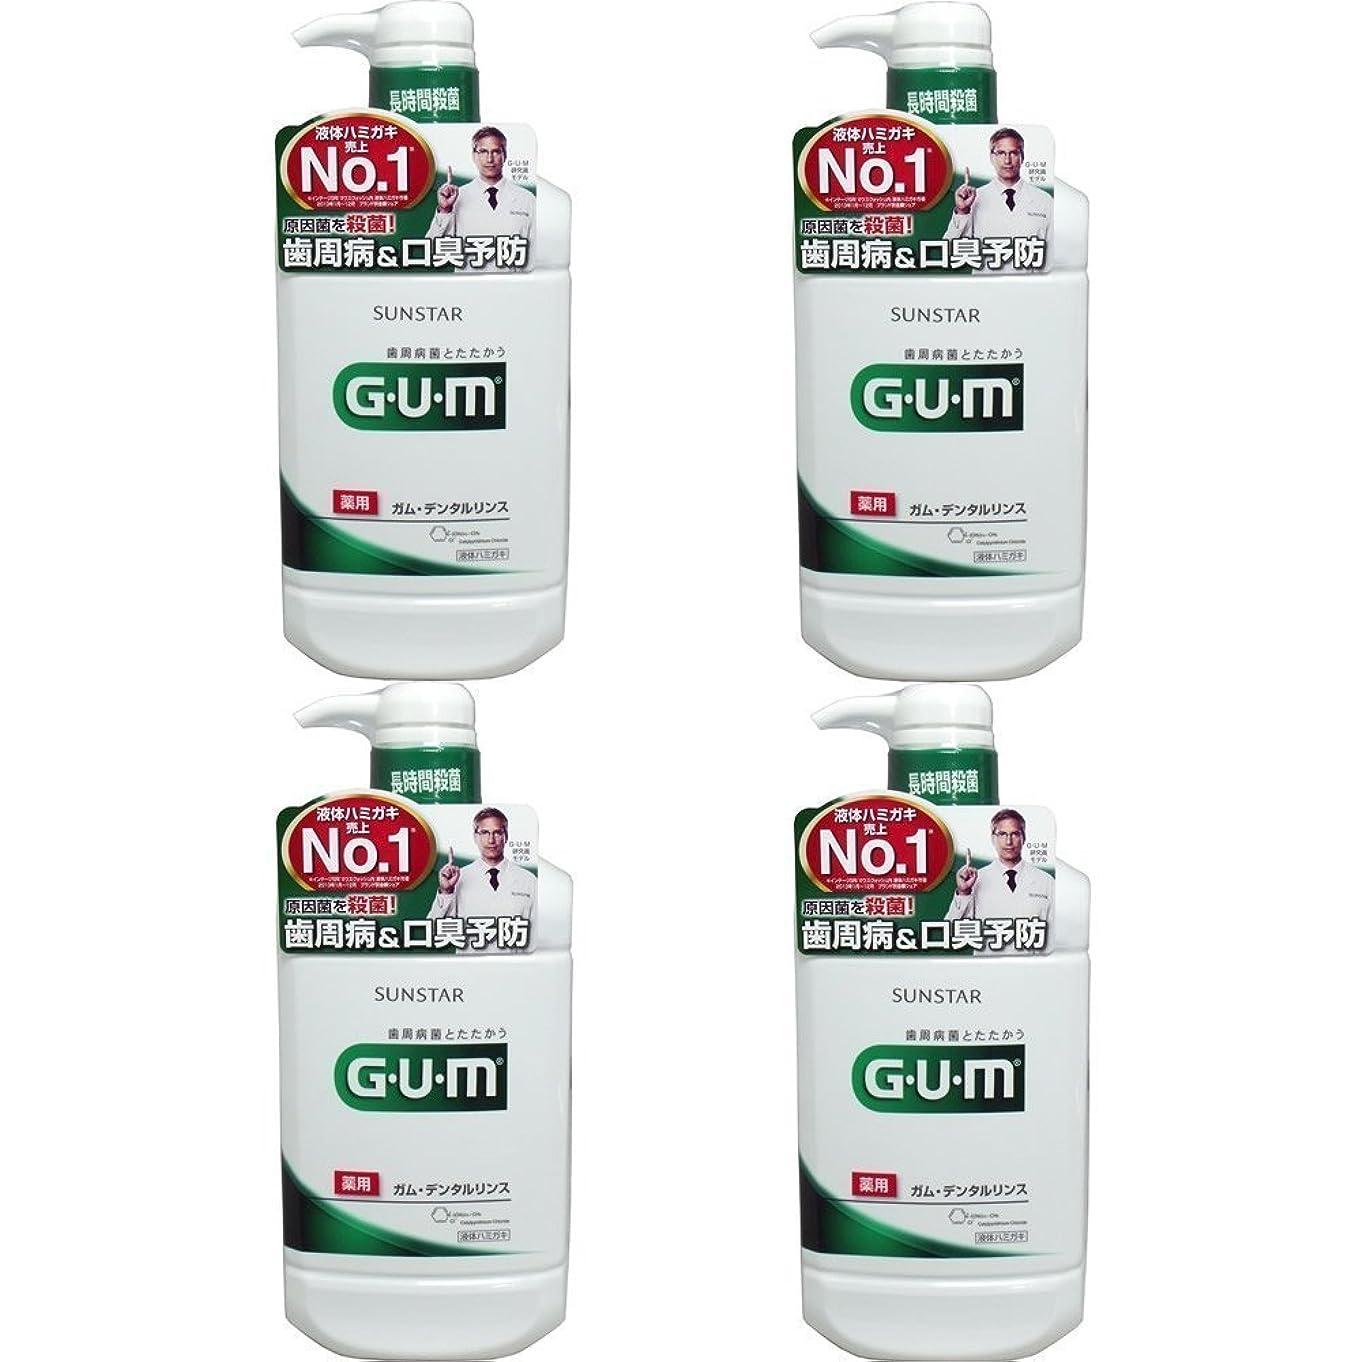 くるみボーナスボーナス【セット品】GUM(ガム)?デンタルリンス (レギュラータイプ) 960mL (医薬部外品) (4個)